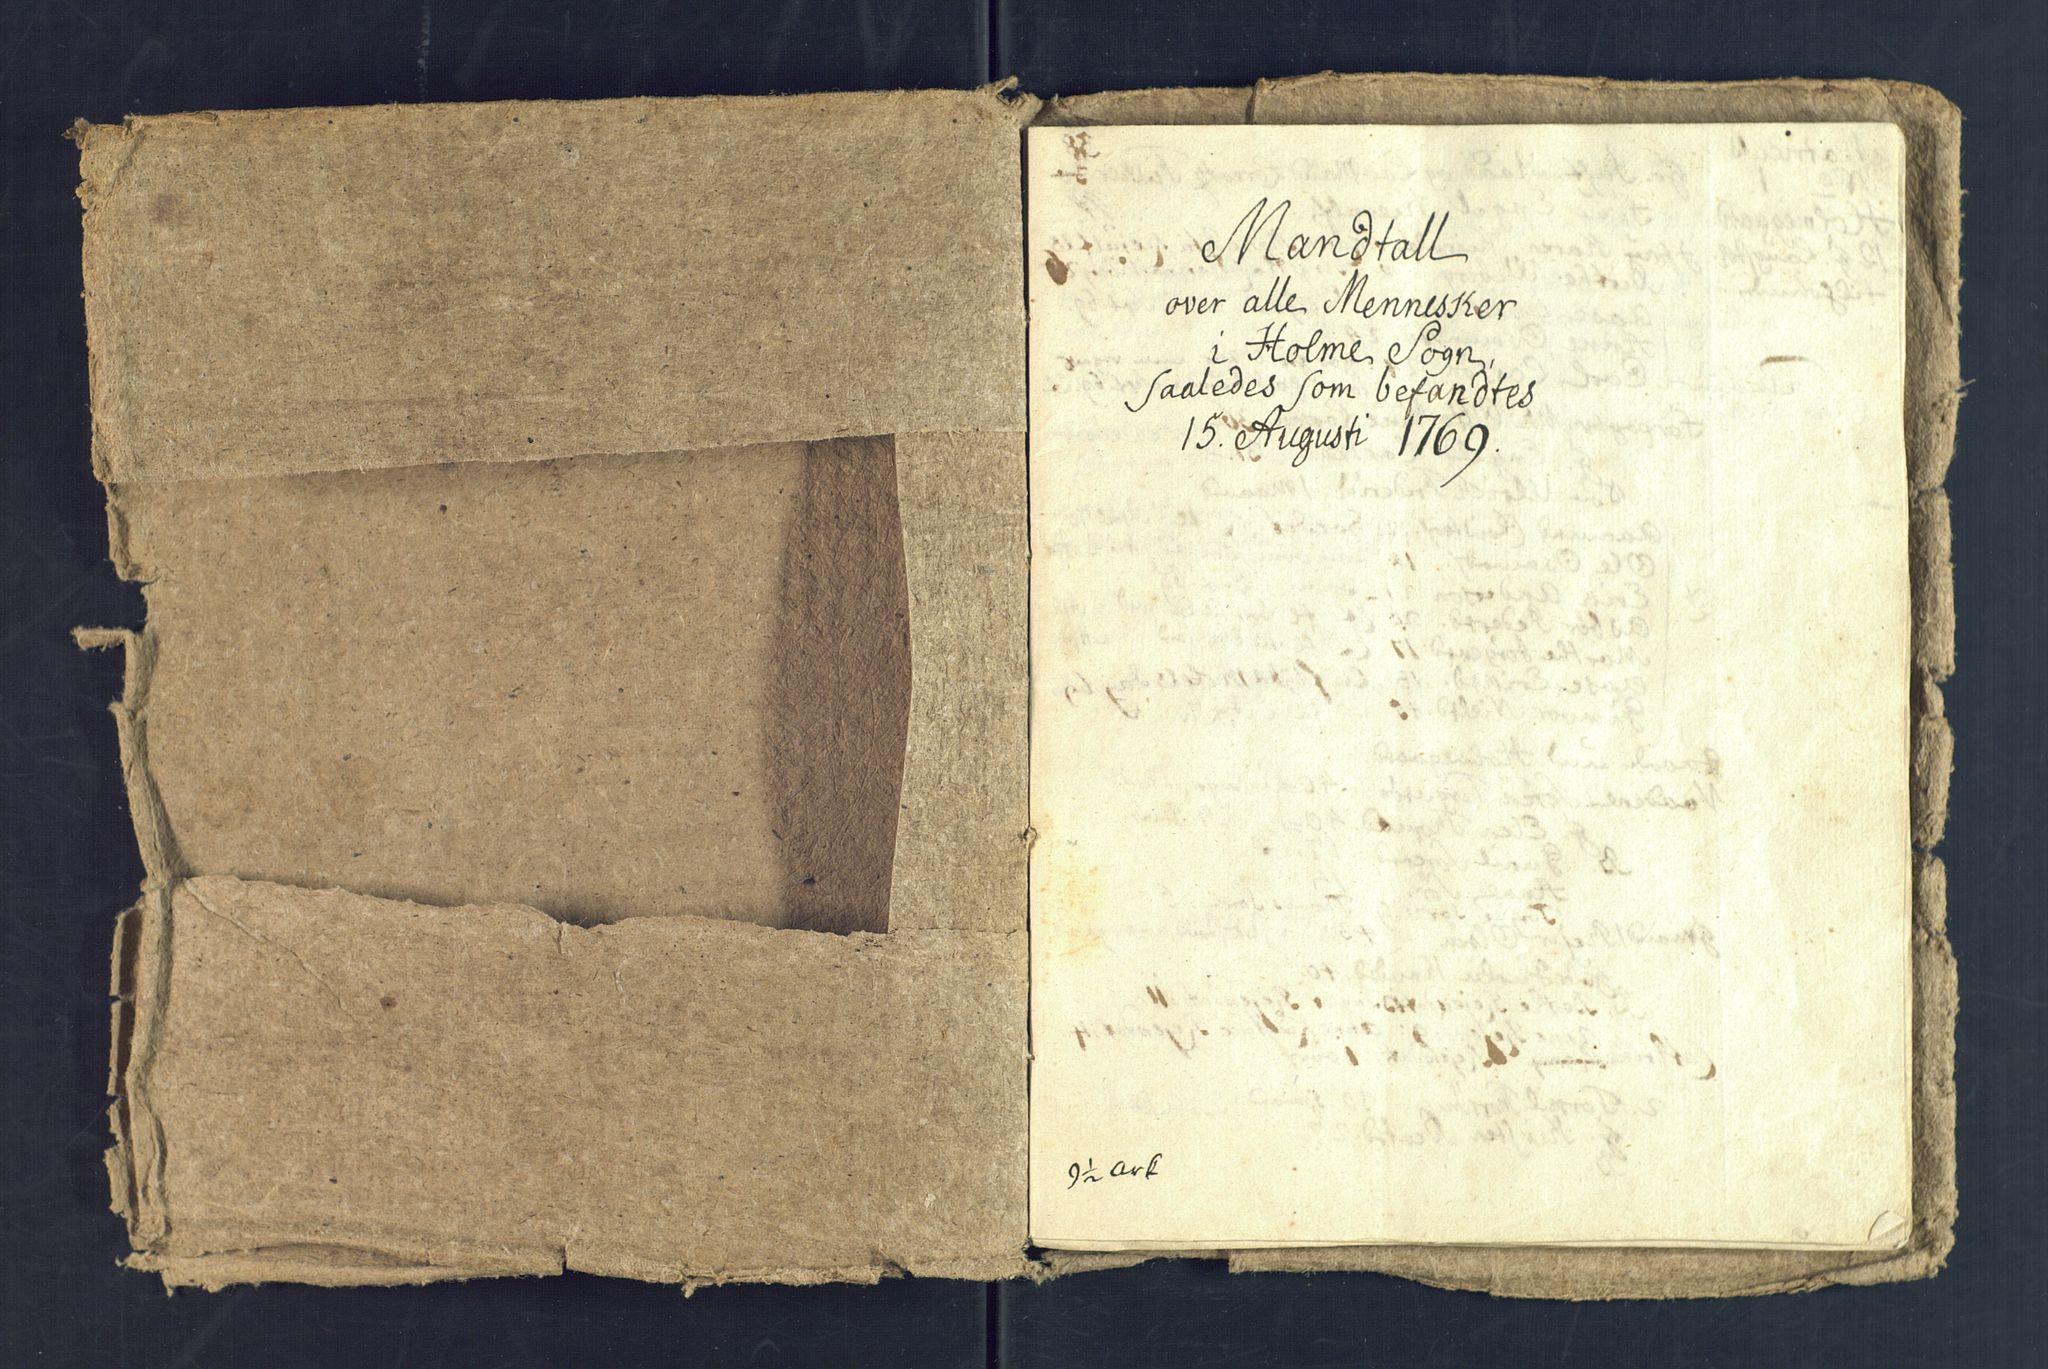 SAK, Holum sokneprestkontor, Andre øvrighetsfunksjoner, nr. 5: Manntall over alle mennesker som befant seg i Holum sokn 15. august 1769, 1769-1771, s. 2